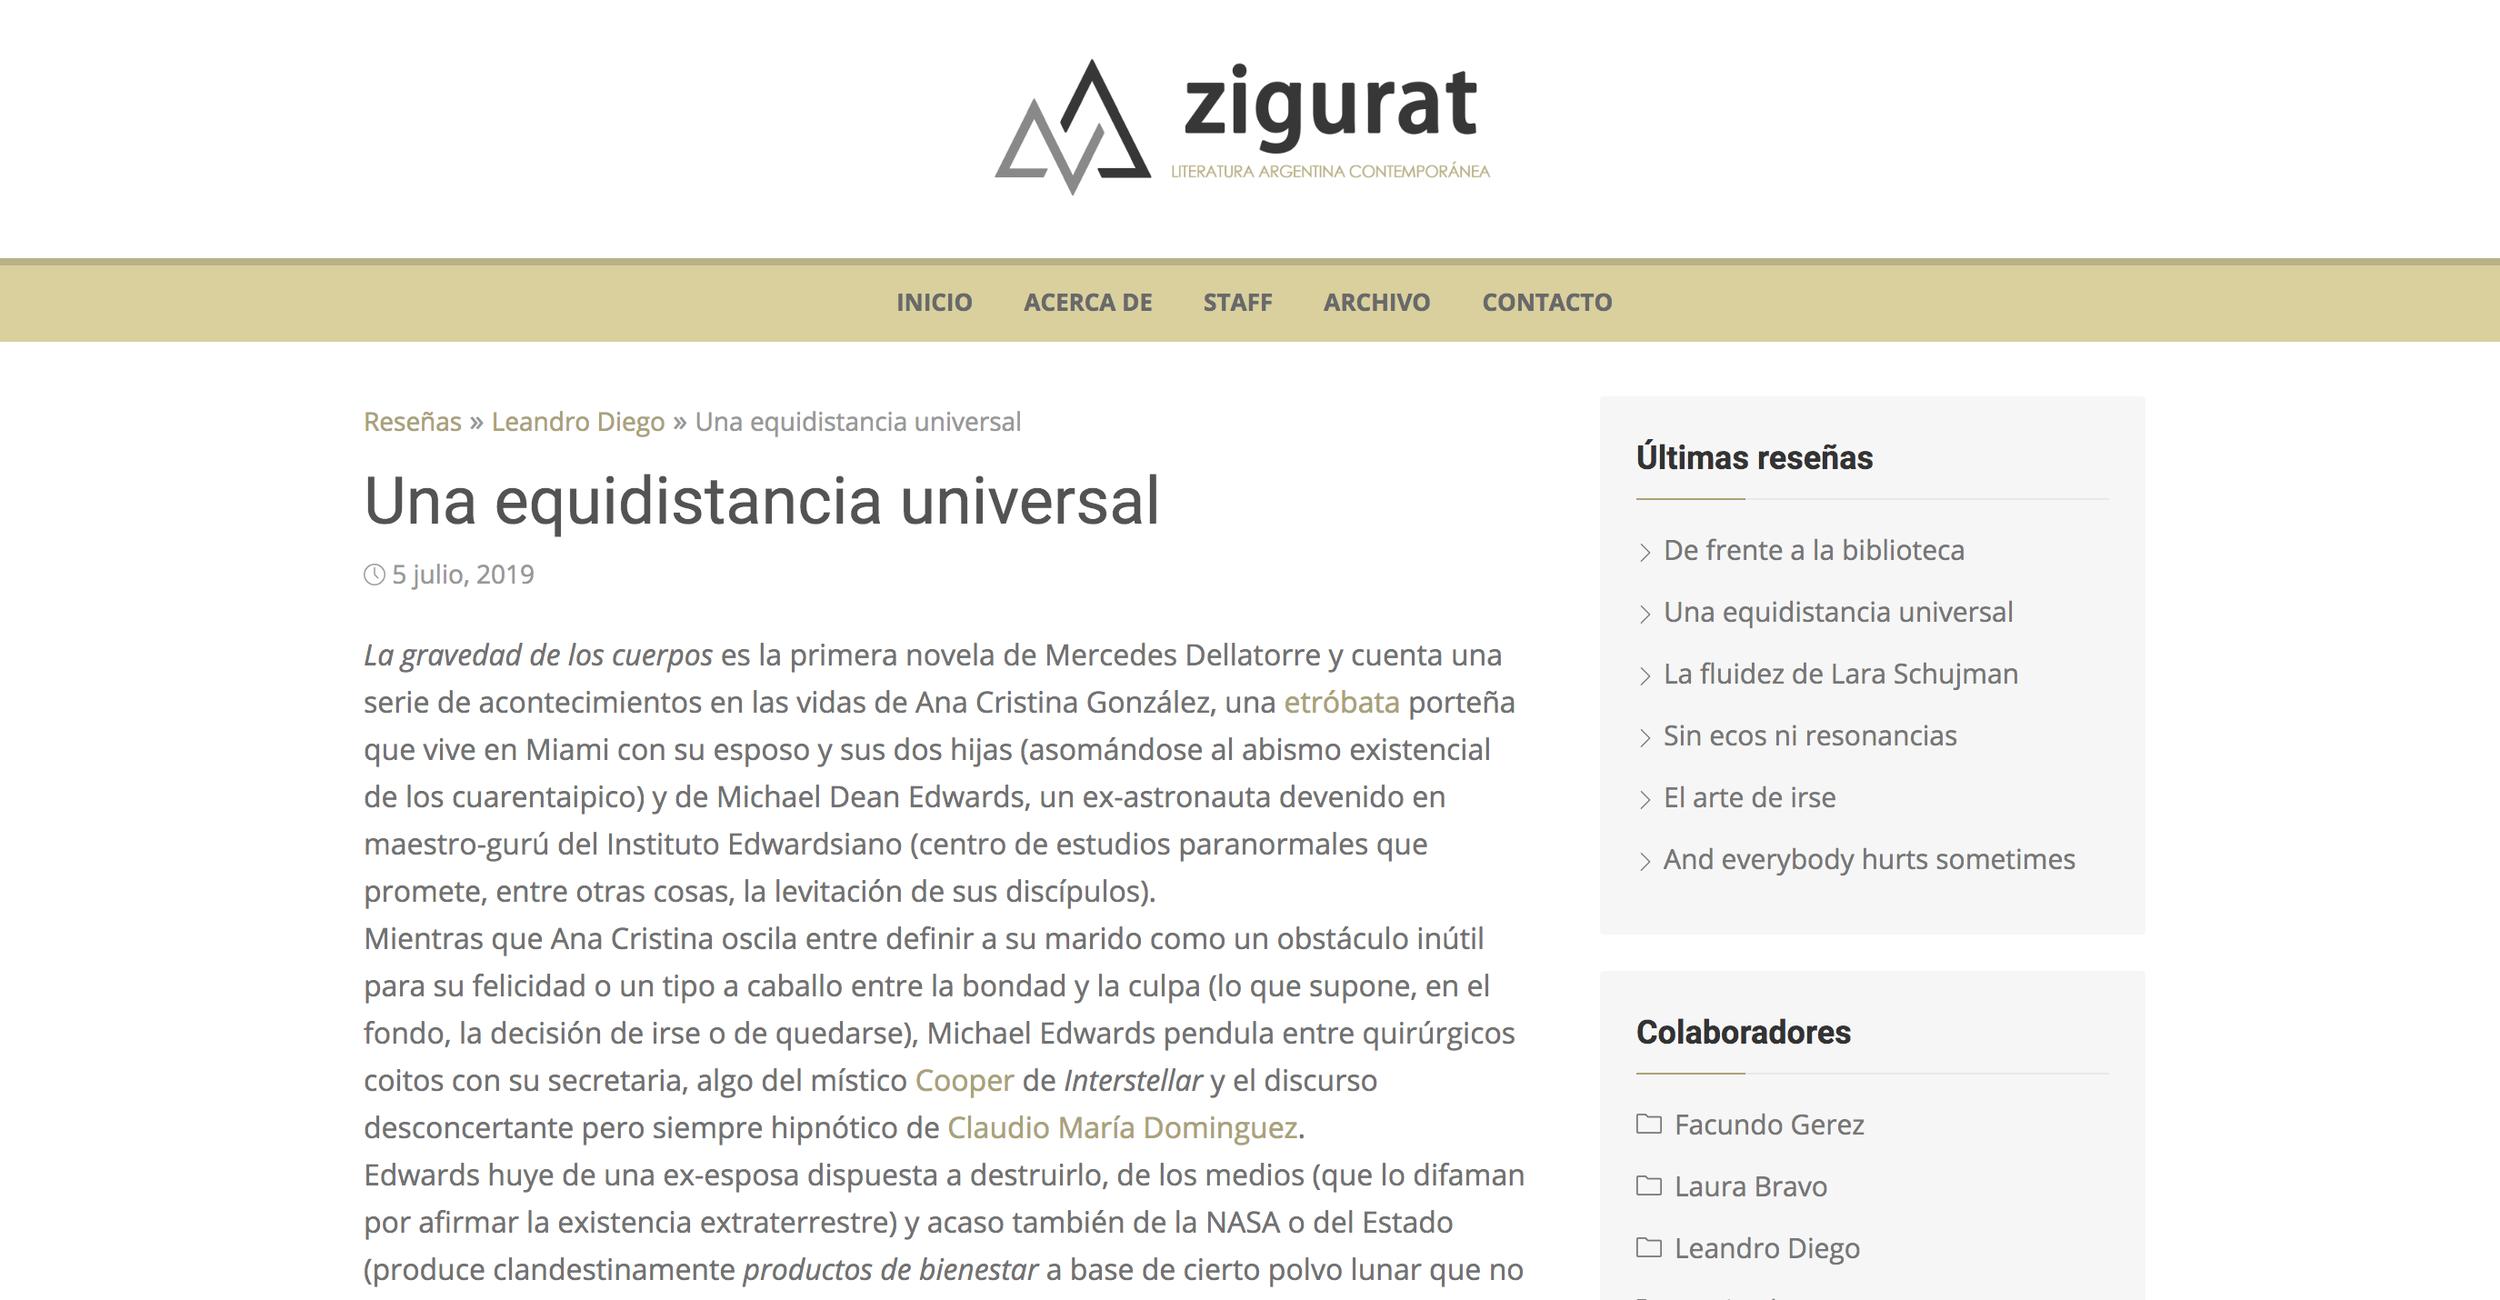 Reseña en Zigurat - La gravedad de los cuerpos